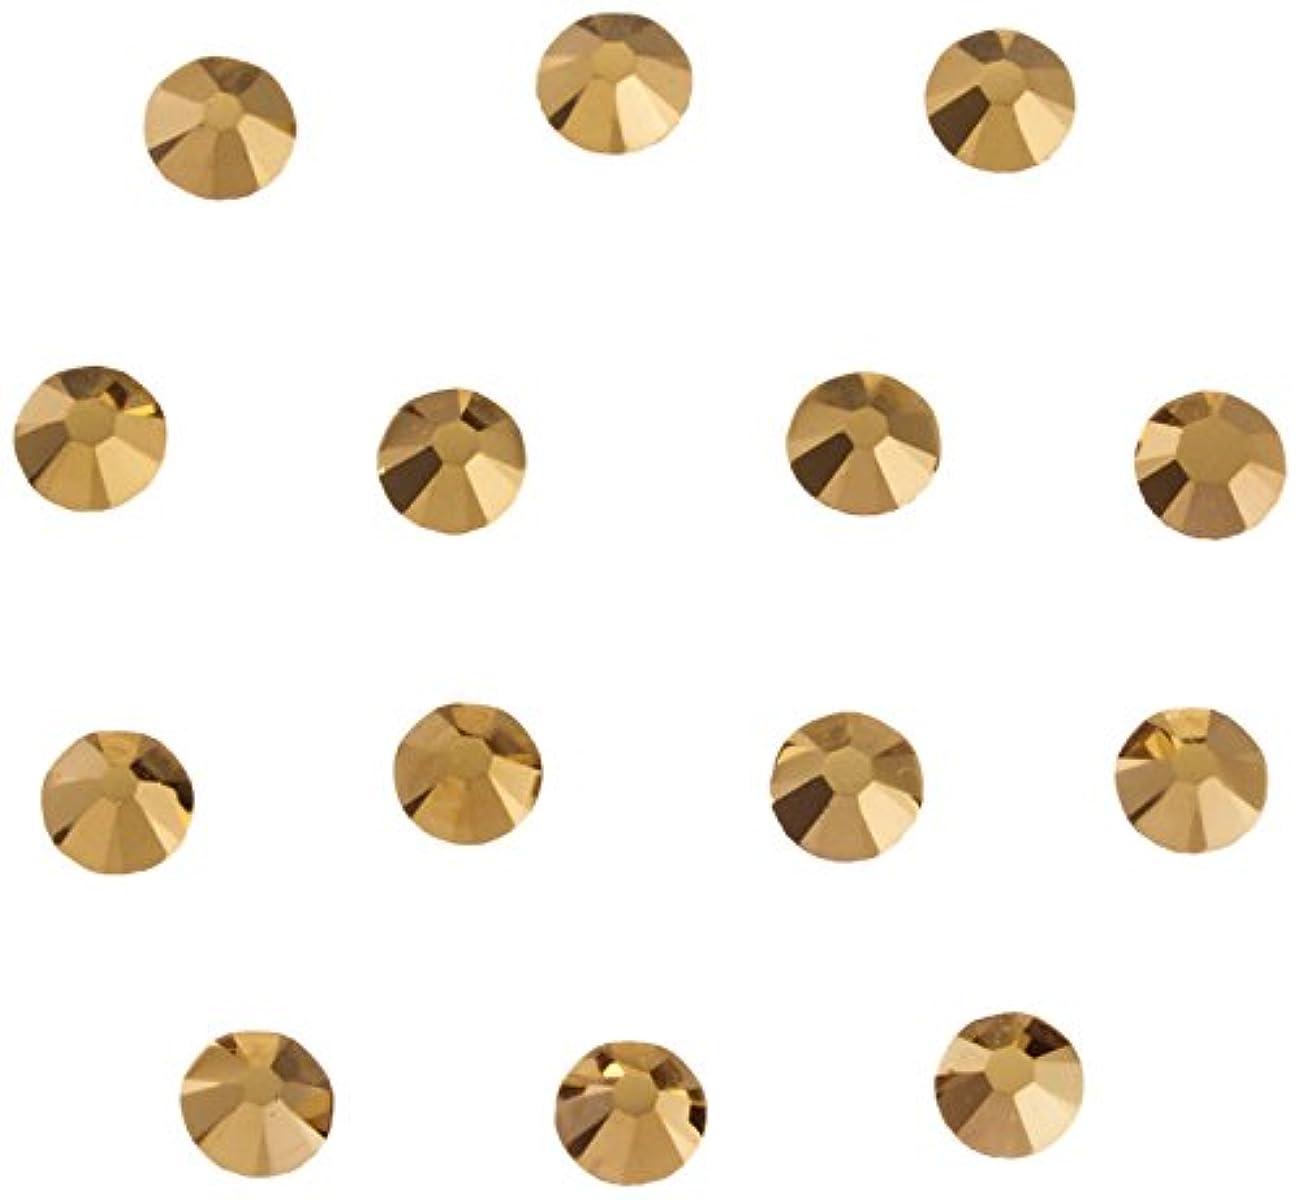 雇うフェザーいらいらさせるネイルアートパーツ クリスタルオーラム SS5:1.8~1.9mm 36P